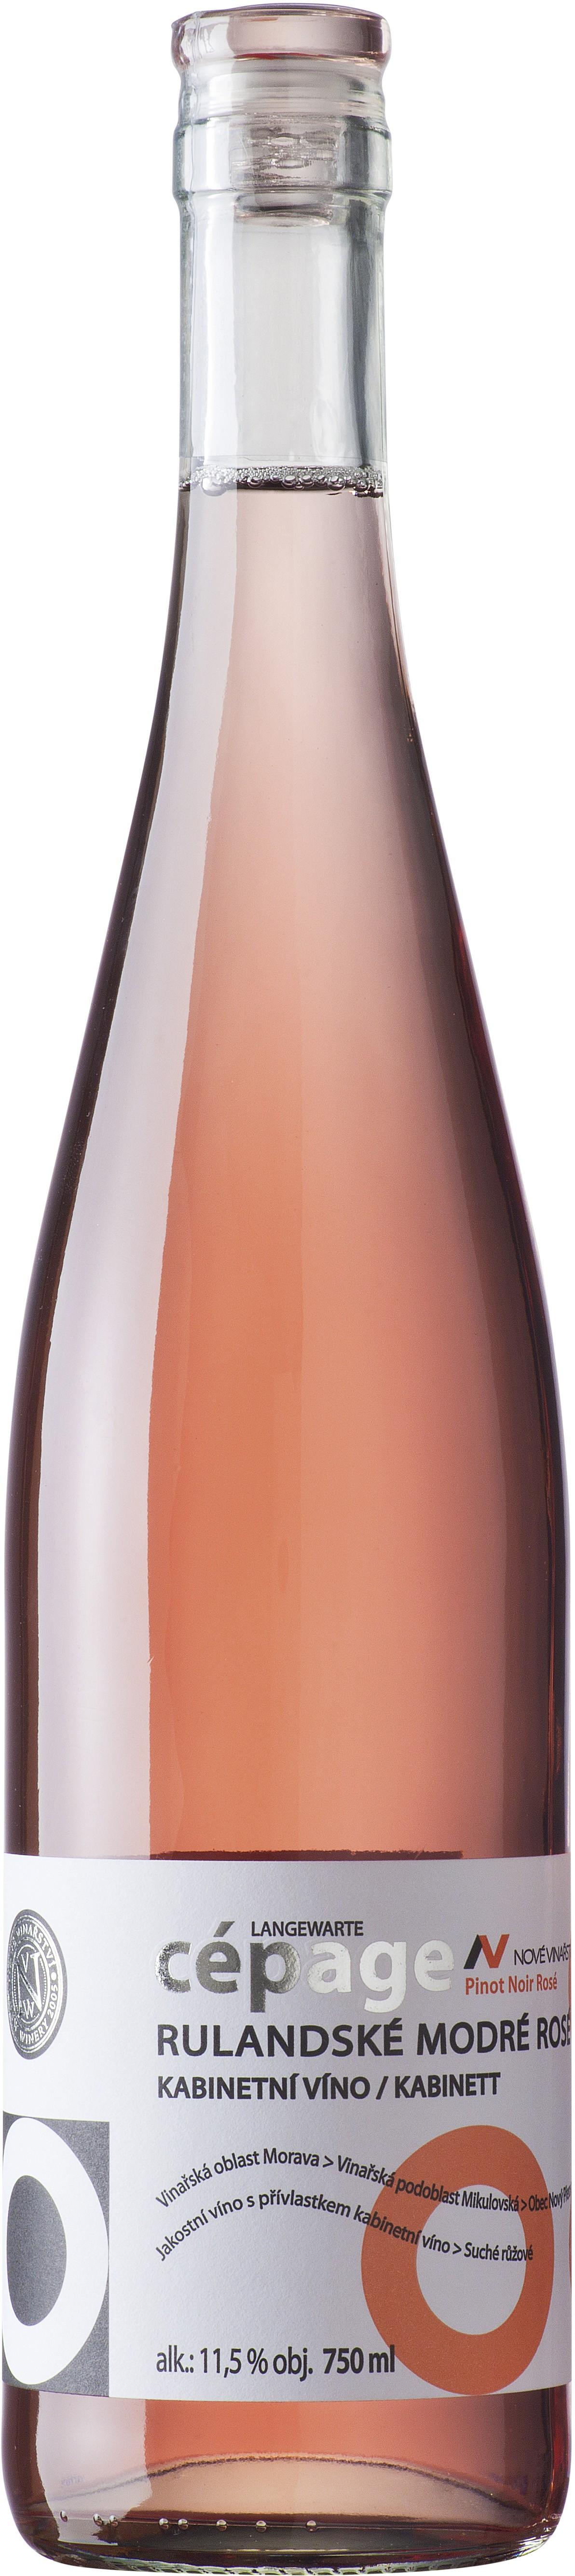 Nové Vinařství - cepage Rulandské modré rosé 2014